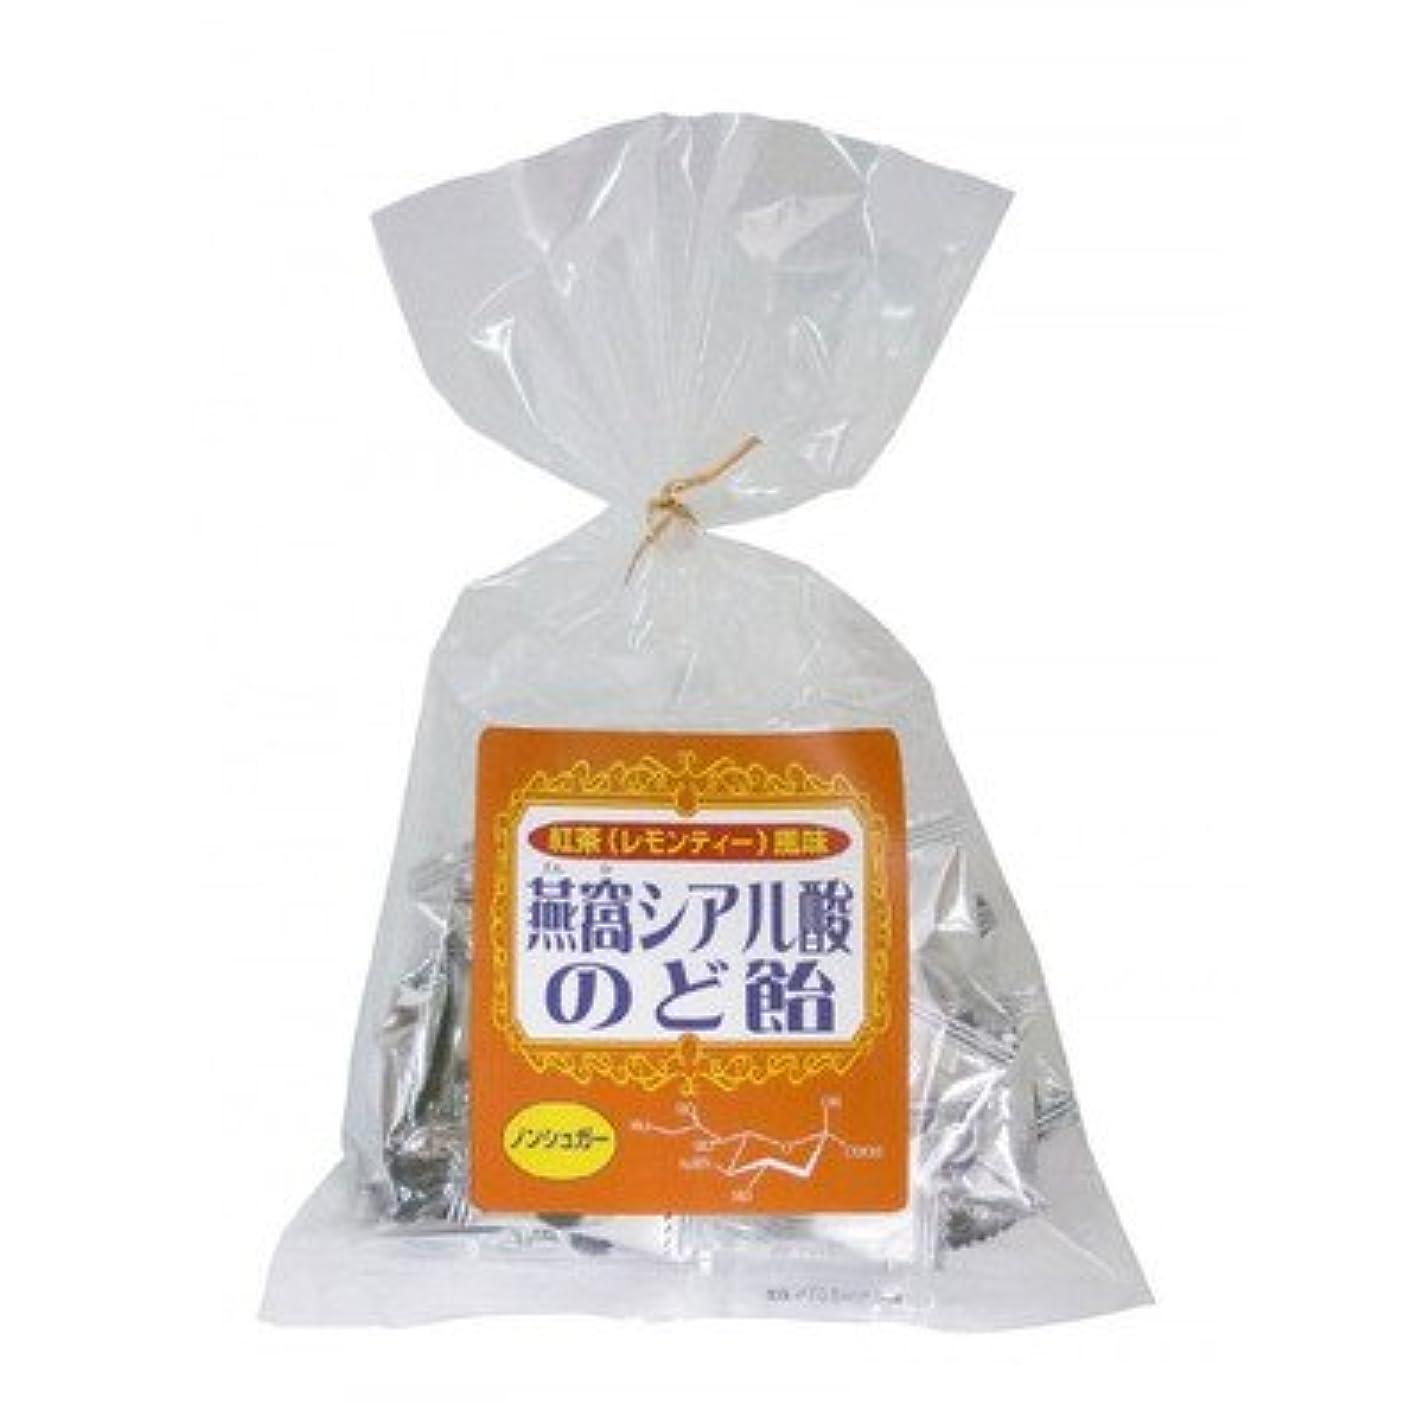 革命先例本質的に燕窩シアル酸のど飴ノンシュガー 紅茶(レモンティー)風味 87g×3袋